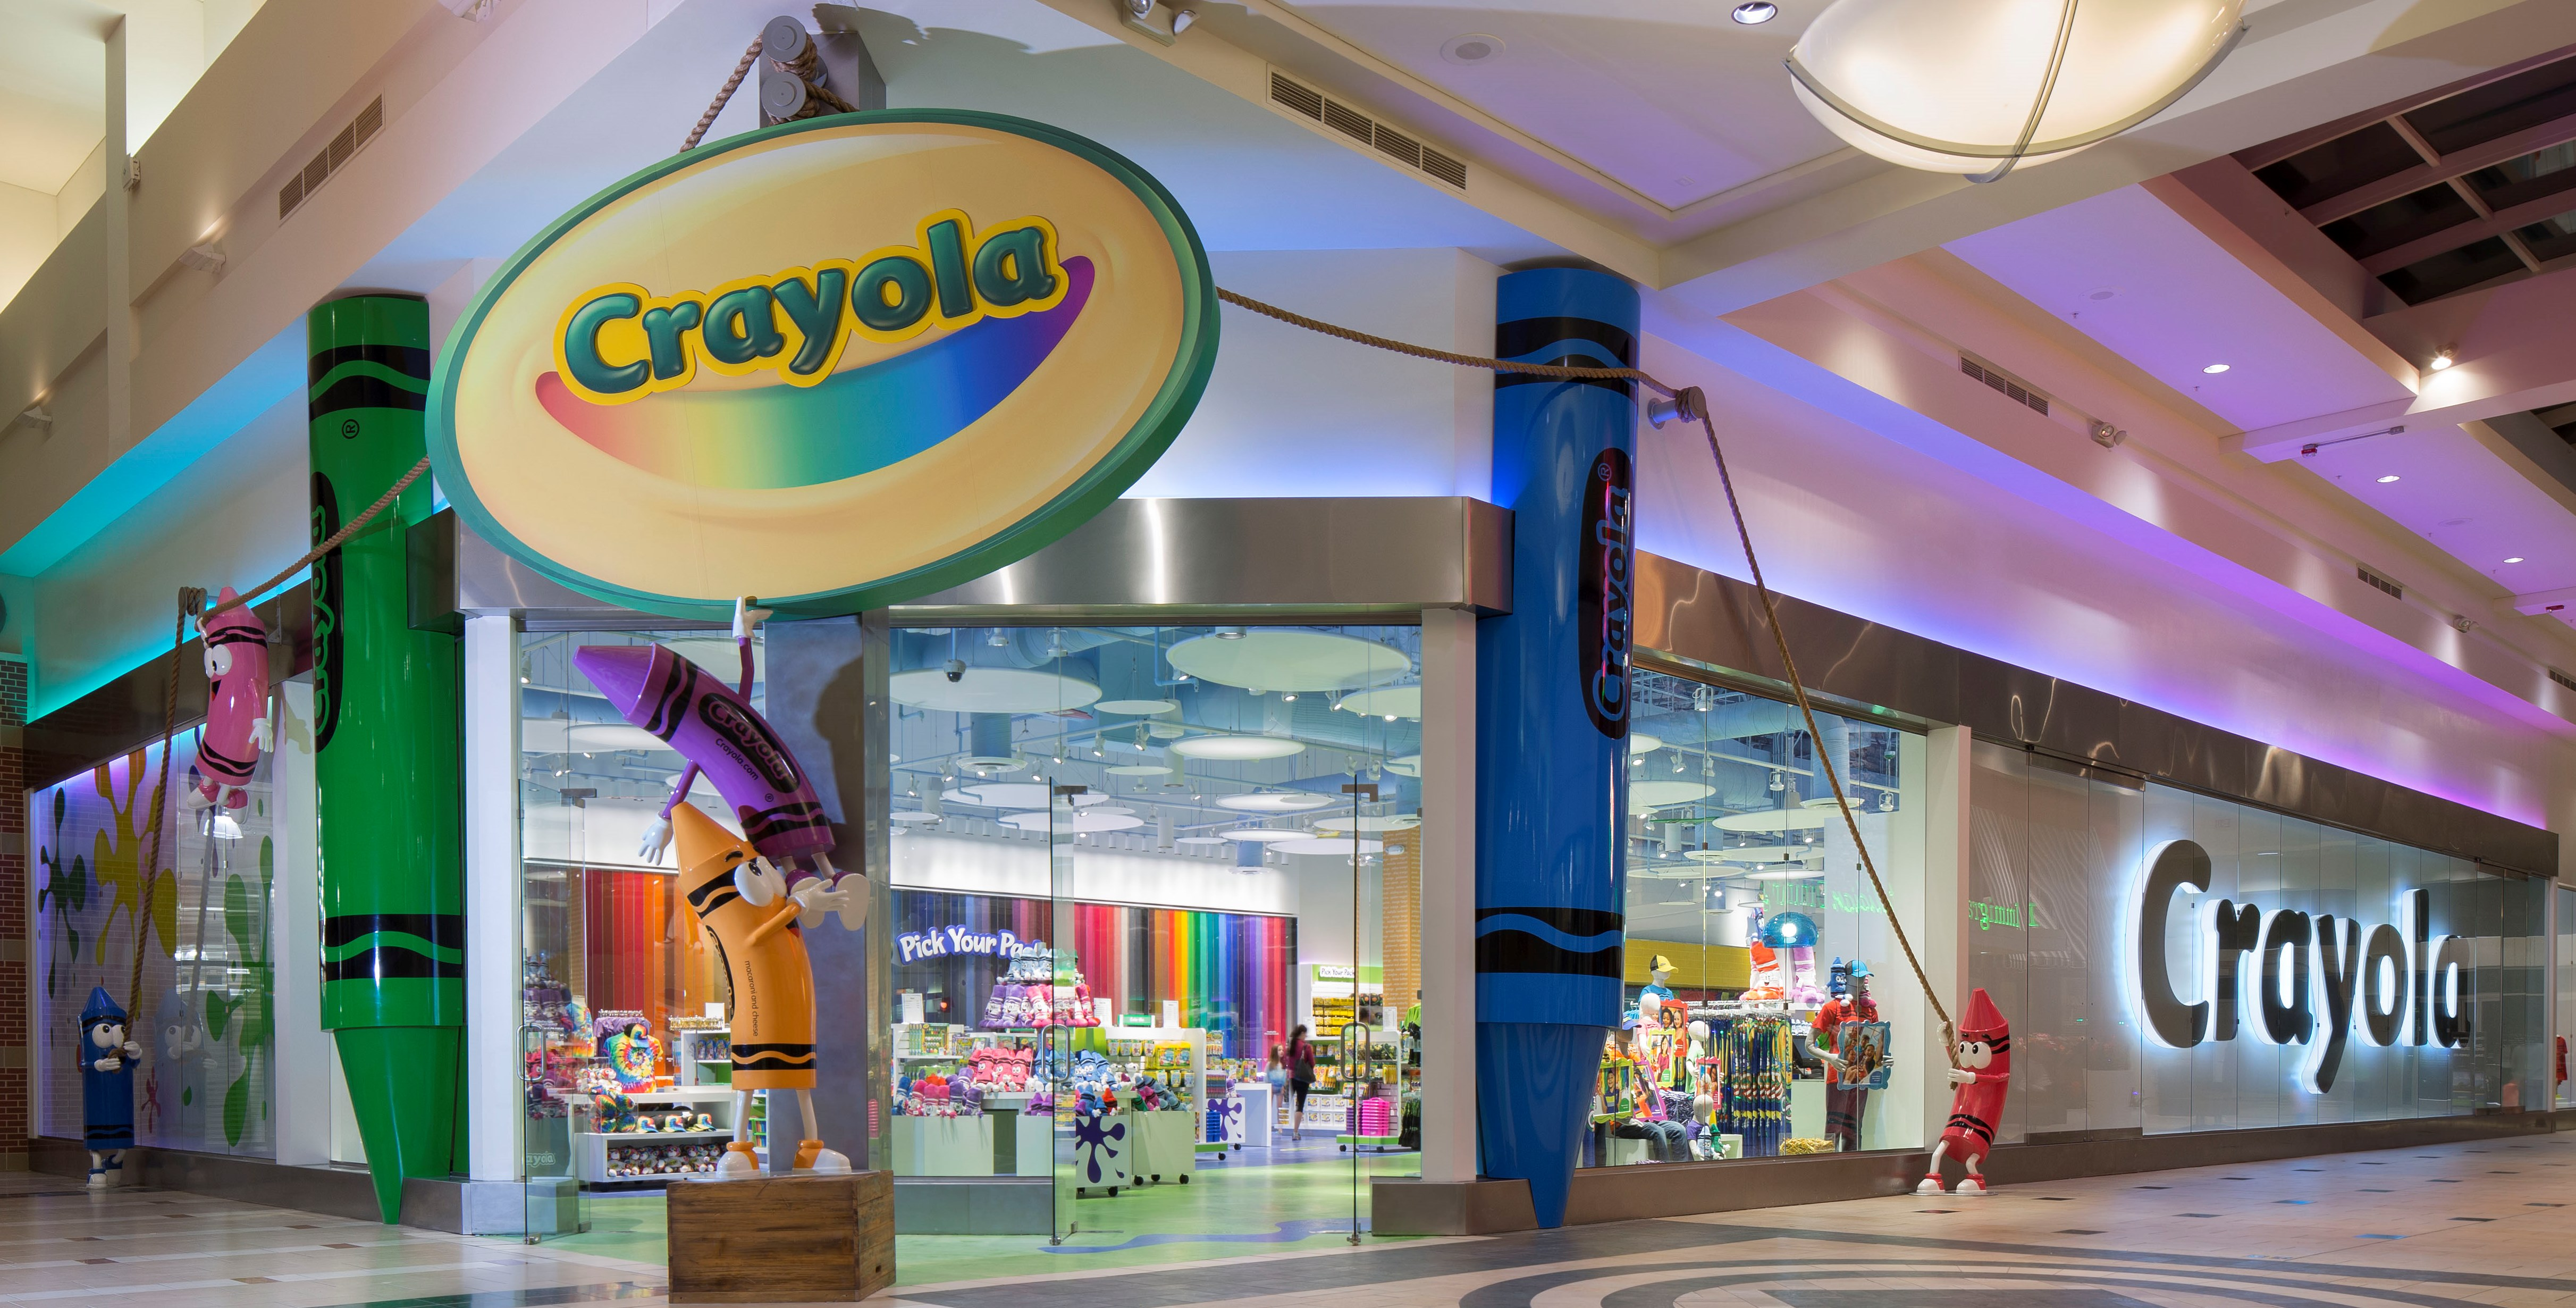 orlando crayola store crayola experience orlando crayolaexperiencecom - Crayola Pictures